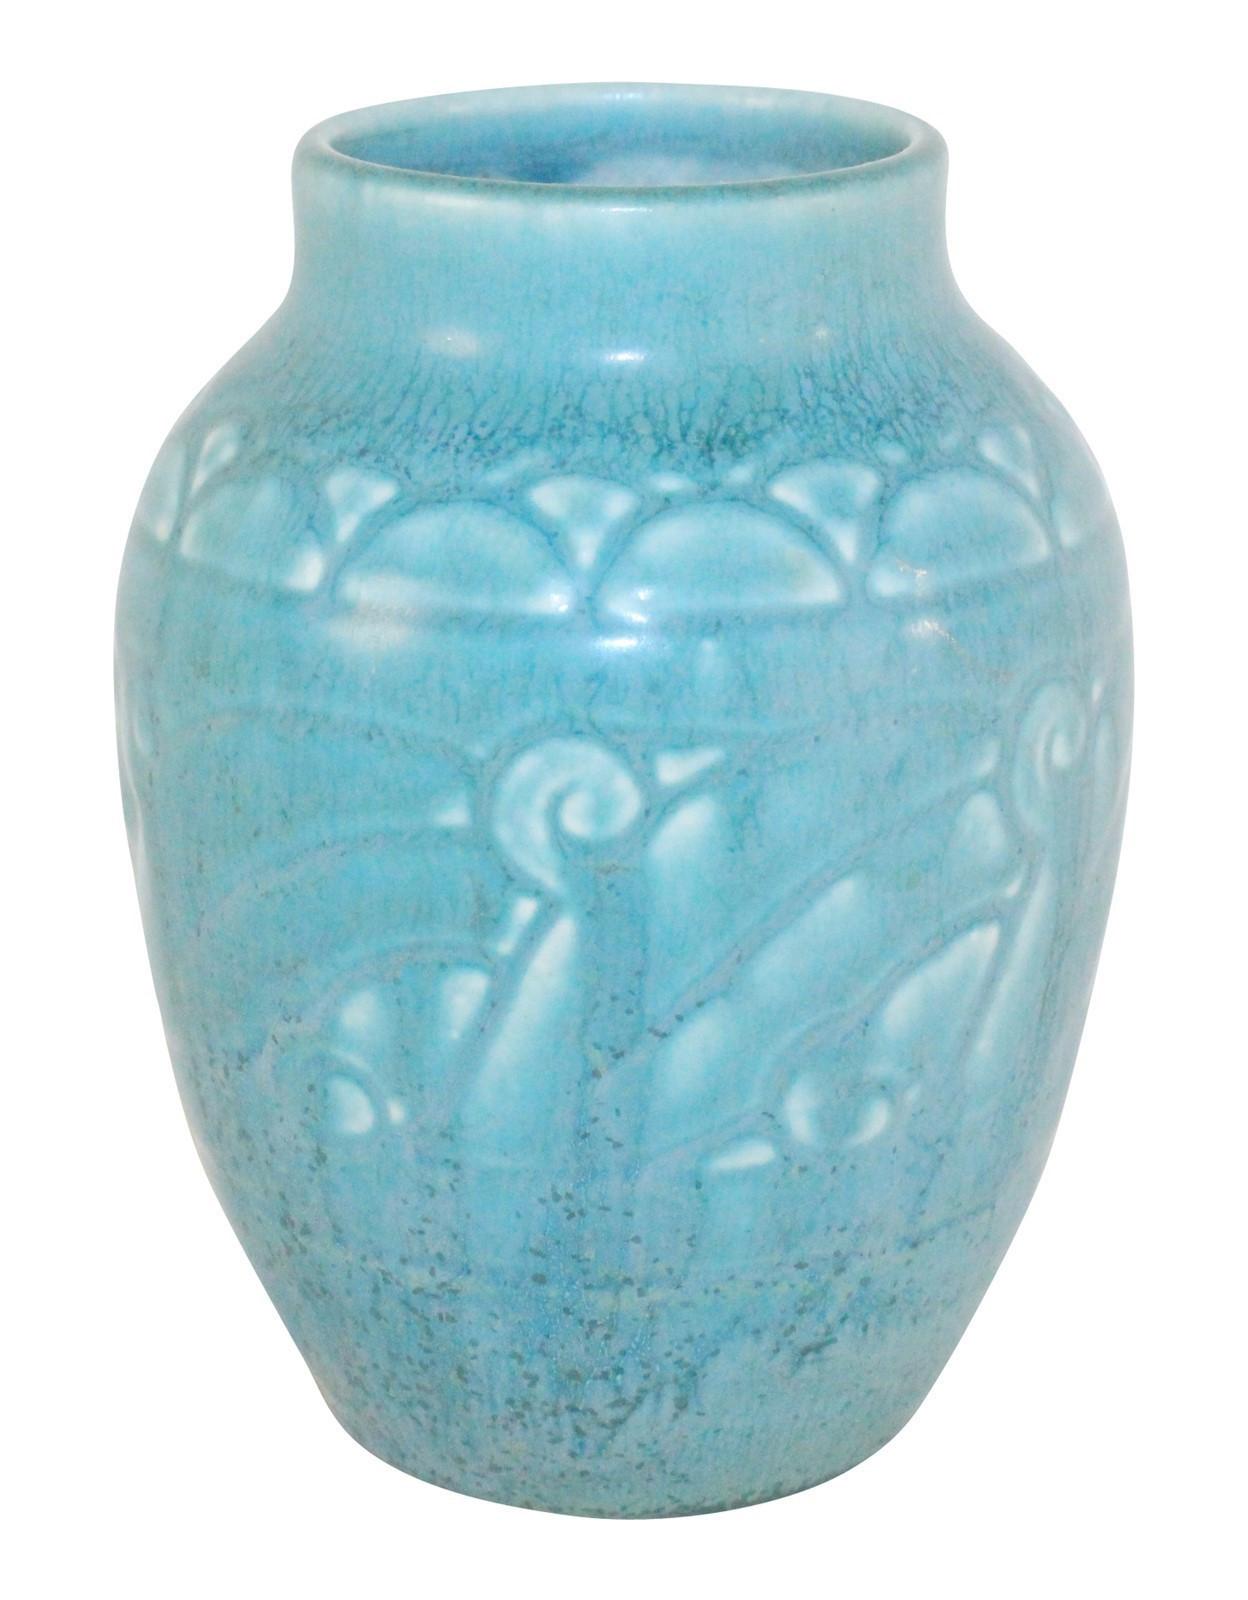 10 Lovely Moorcroft Sunflower Vase 2021 free download moorcroft sunflower vase of rookwood pottery 1926 matte blue art deco vase 2854 just art for rookwood pottery 1926 matte blue art deco vase 2854